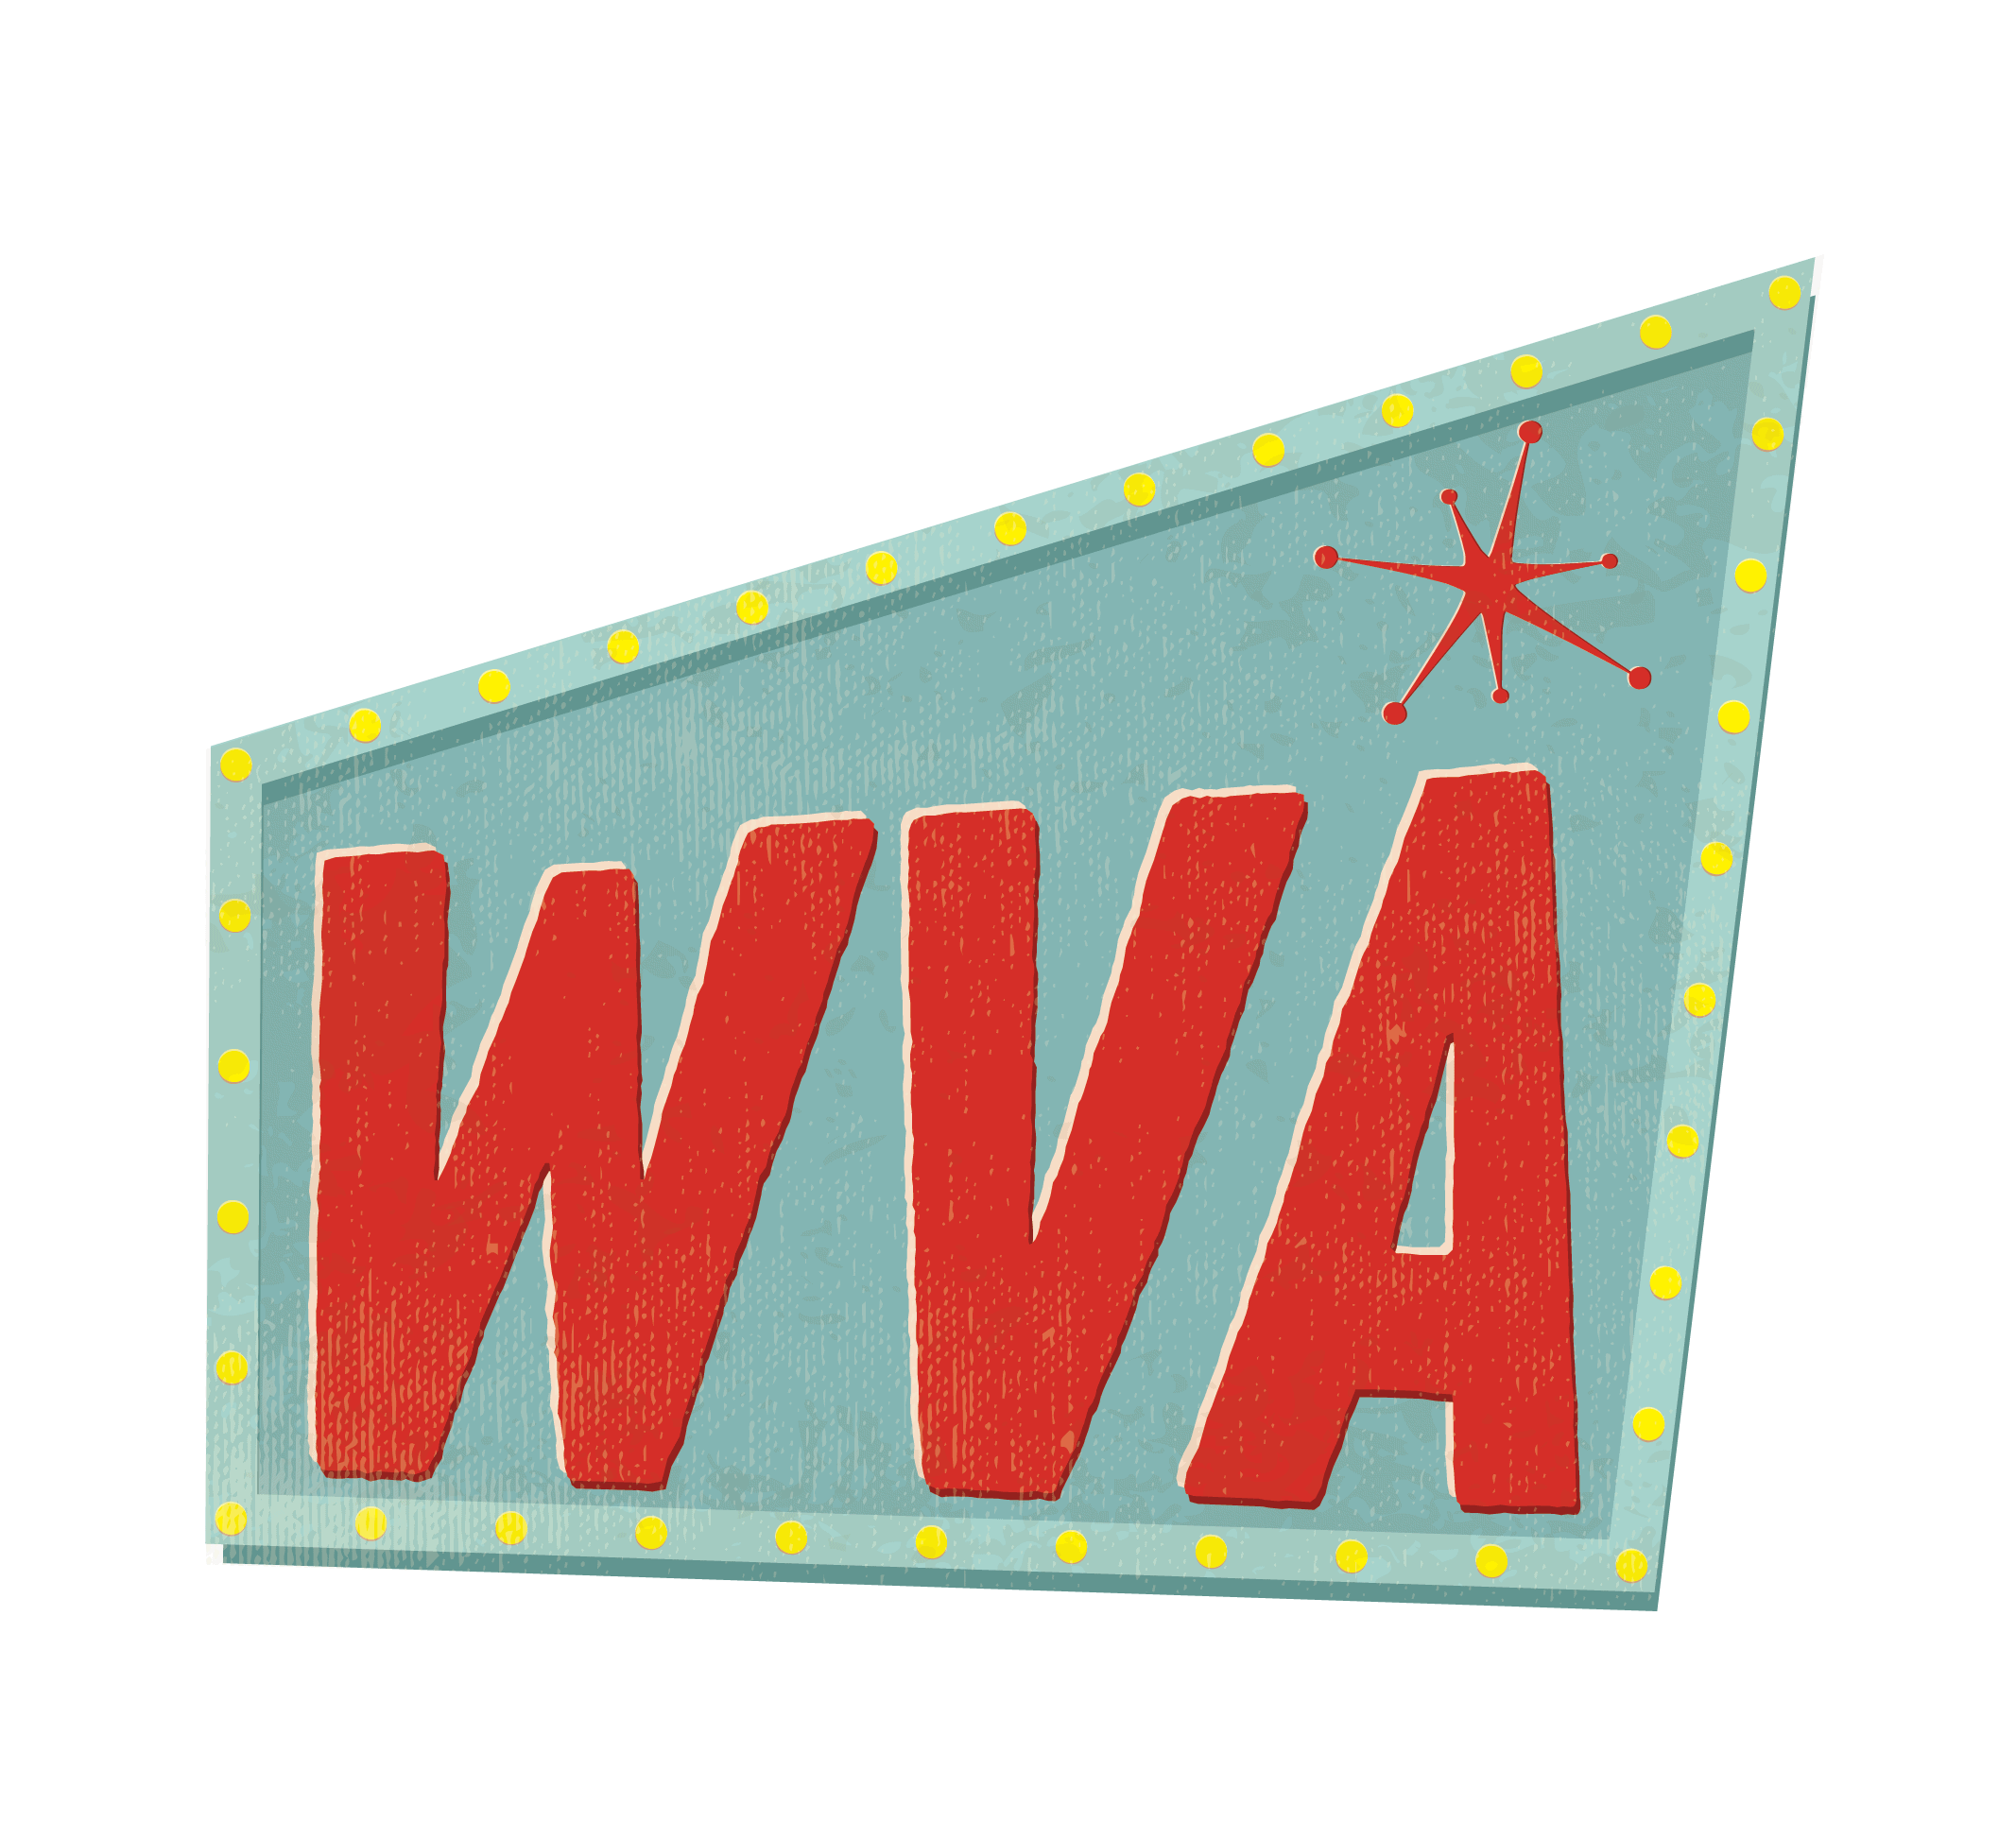 wildwoodvideoarchive.com